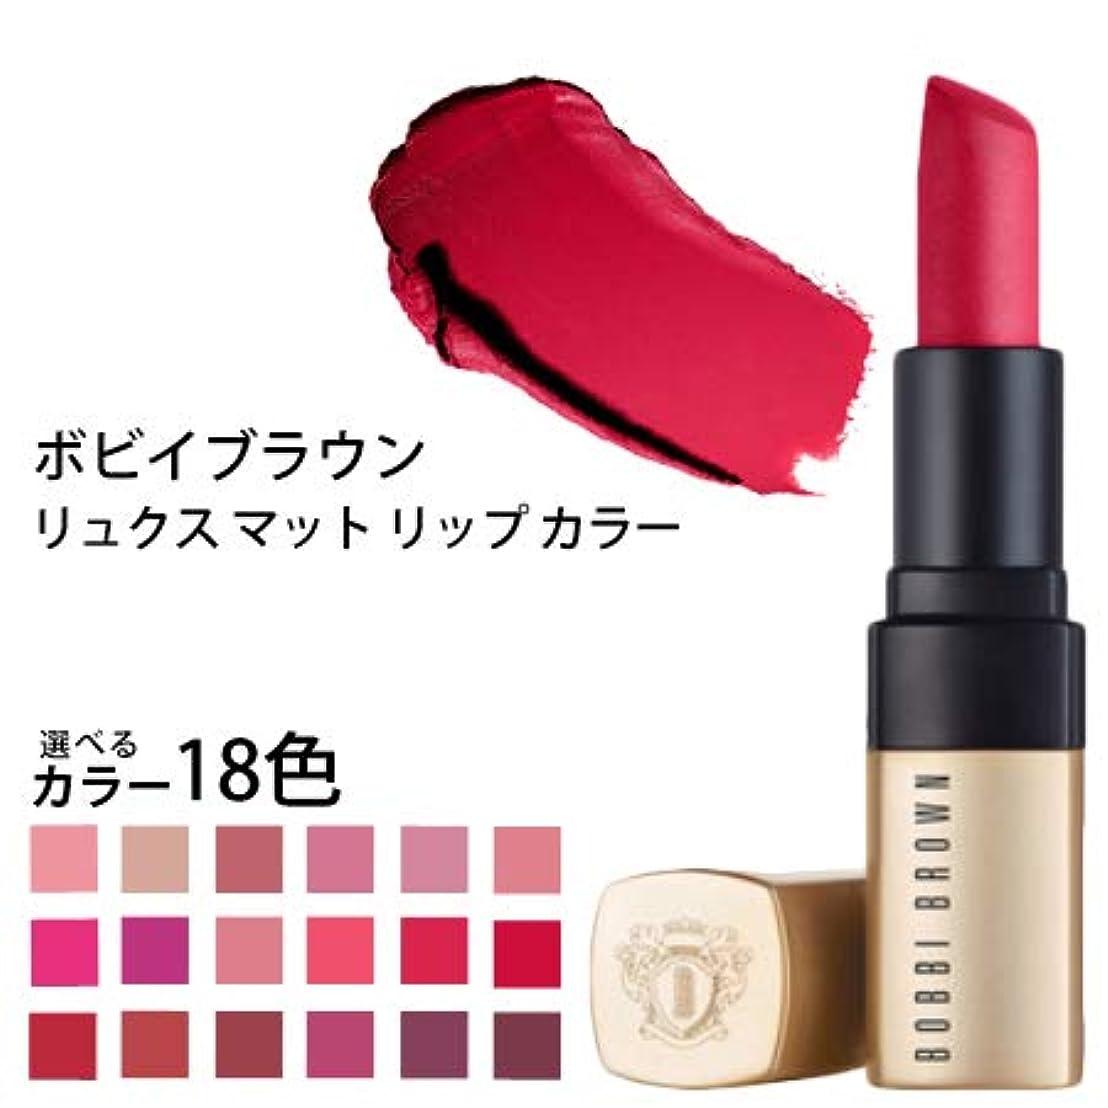 ボビイブラウン リュクス マット リップ カラー 18色展開 -BOBBI BROWN- 16:バーントチェリー